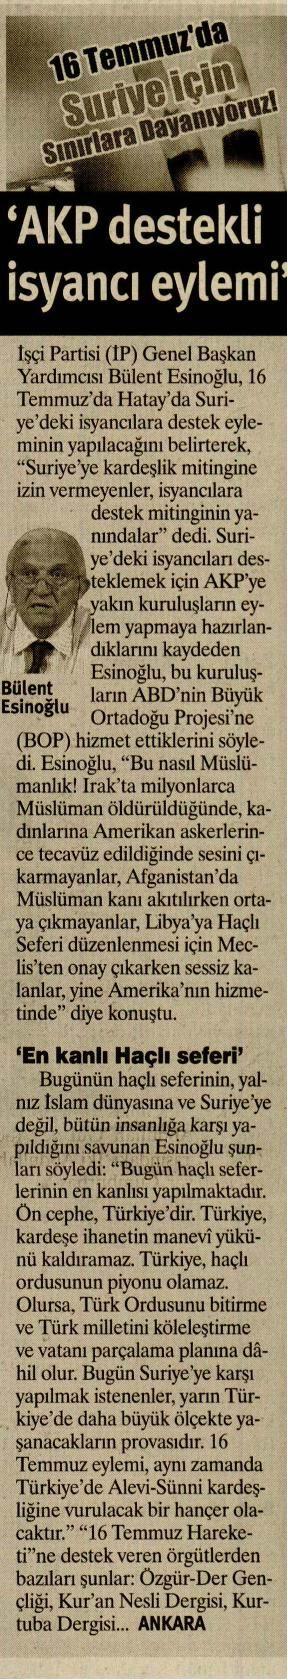 aydinlik+gazetesi_20110709_8.jpg